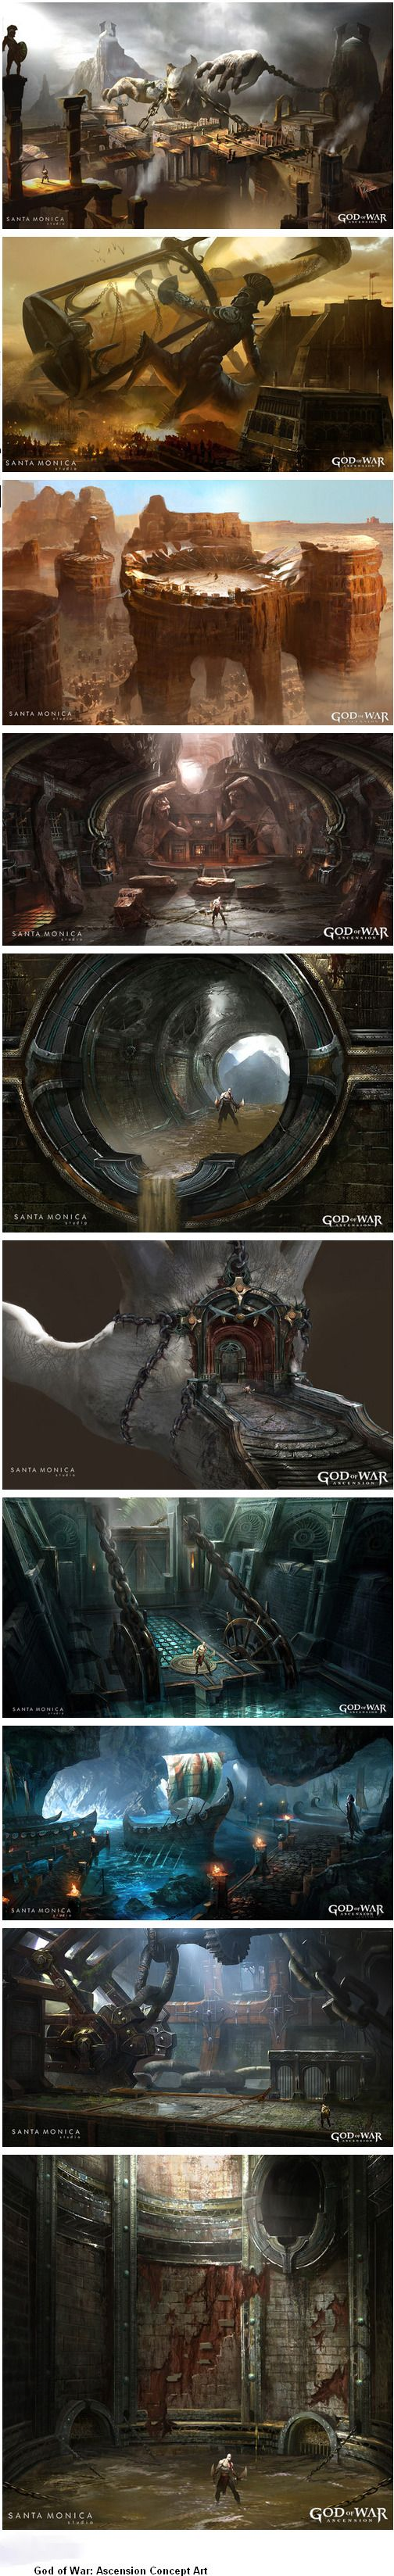 »»»God of War: Ascension Concept Art »»»